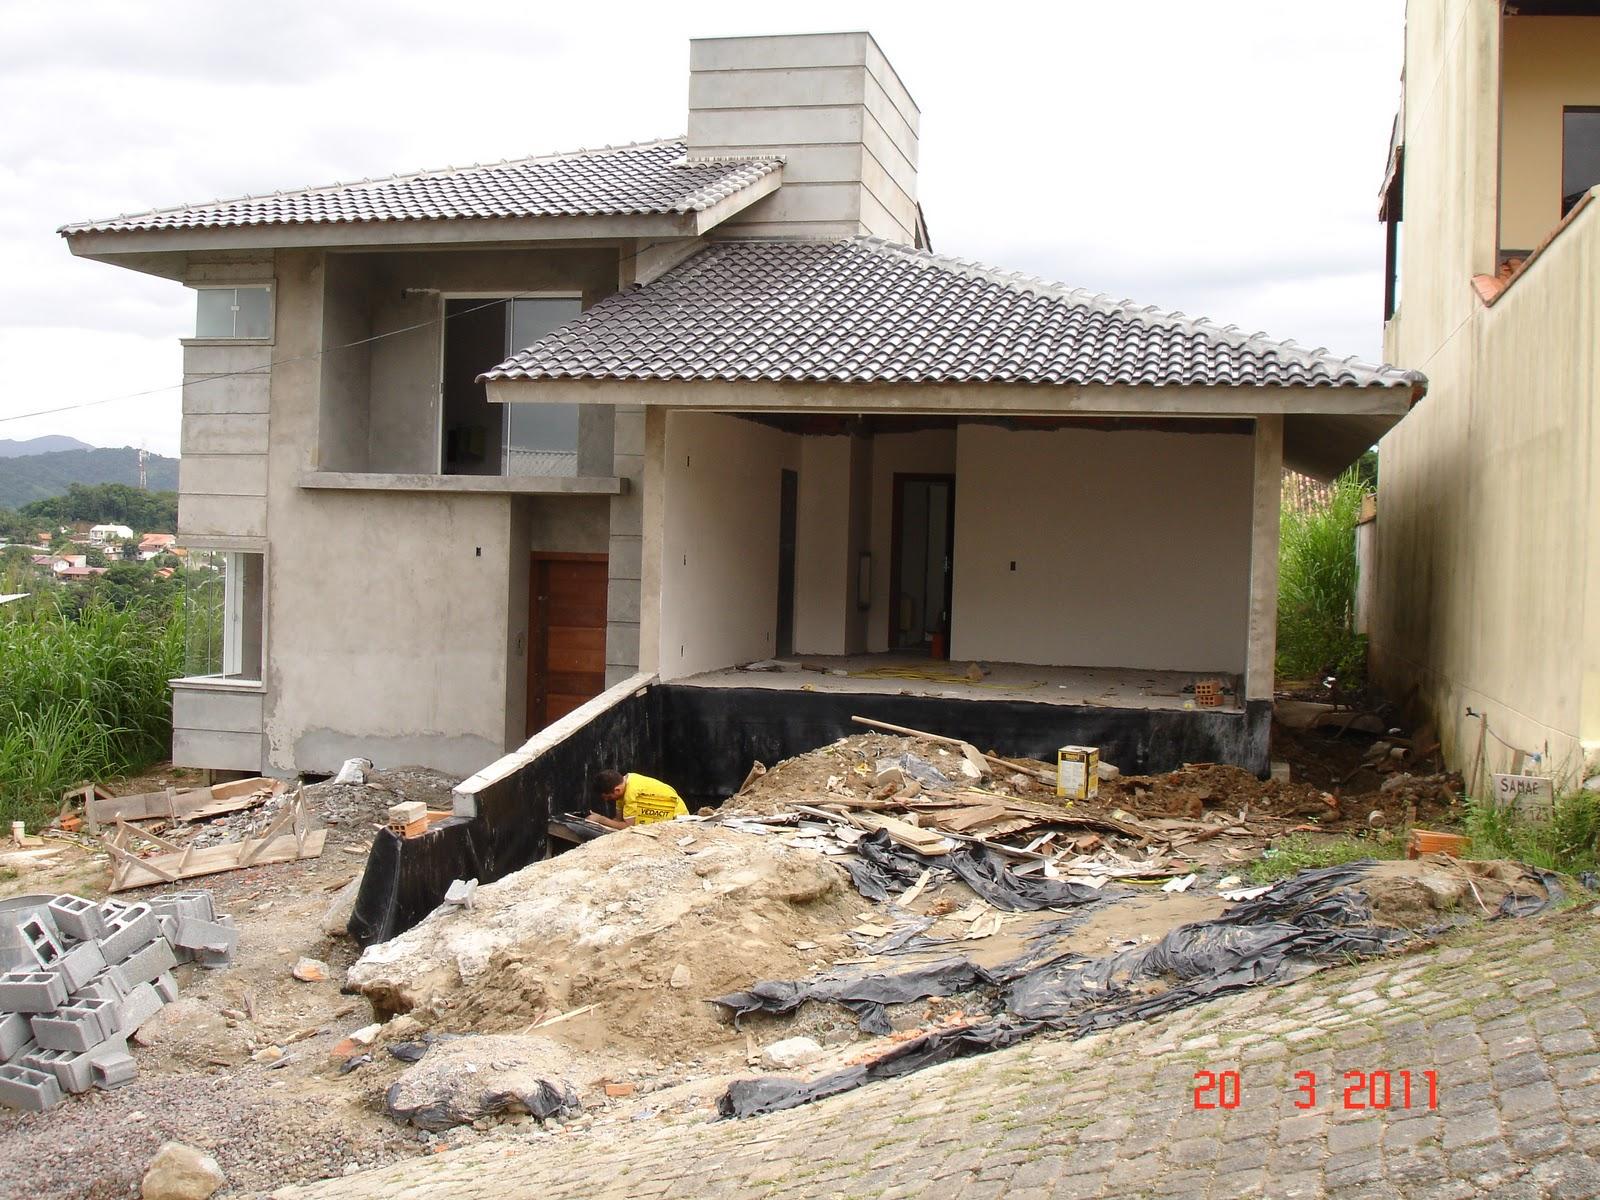 Nossa Casa no Site Construção da fundação ao acabamento: Março  #A35828 1600 1200